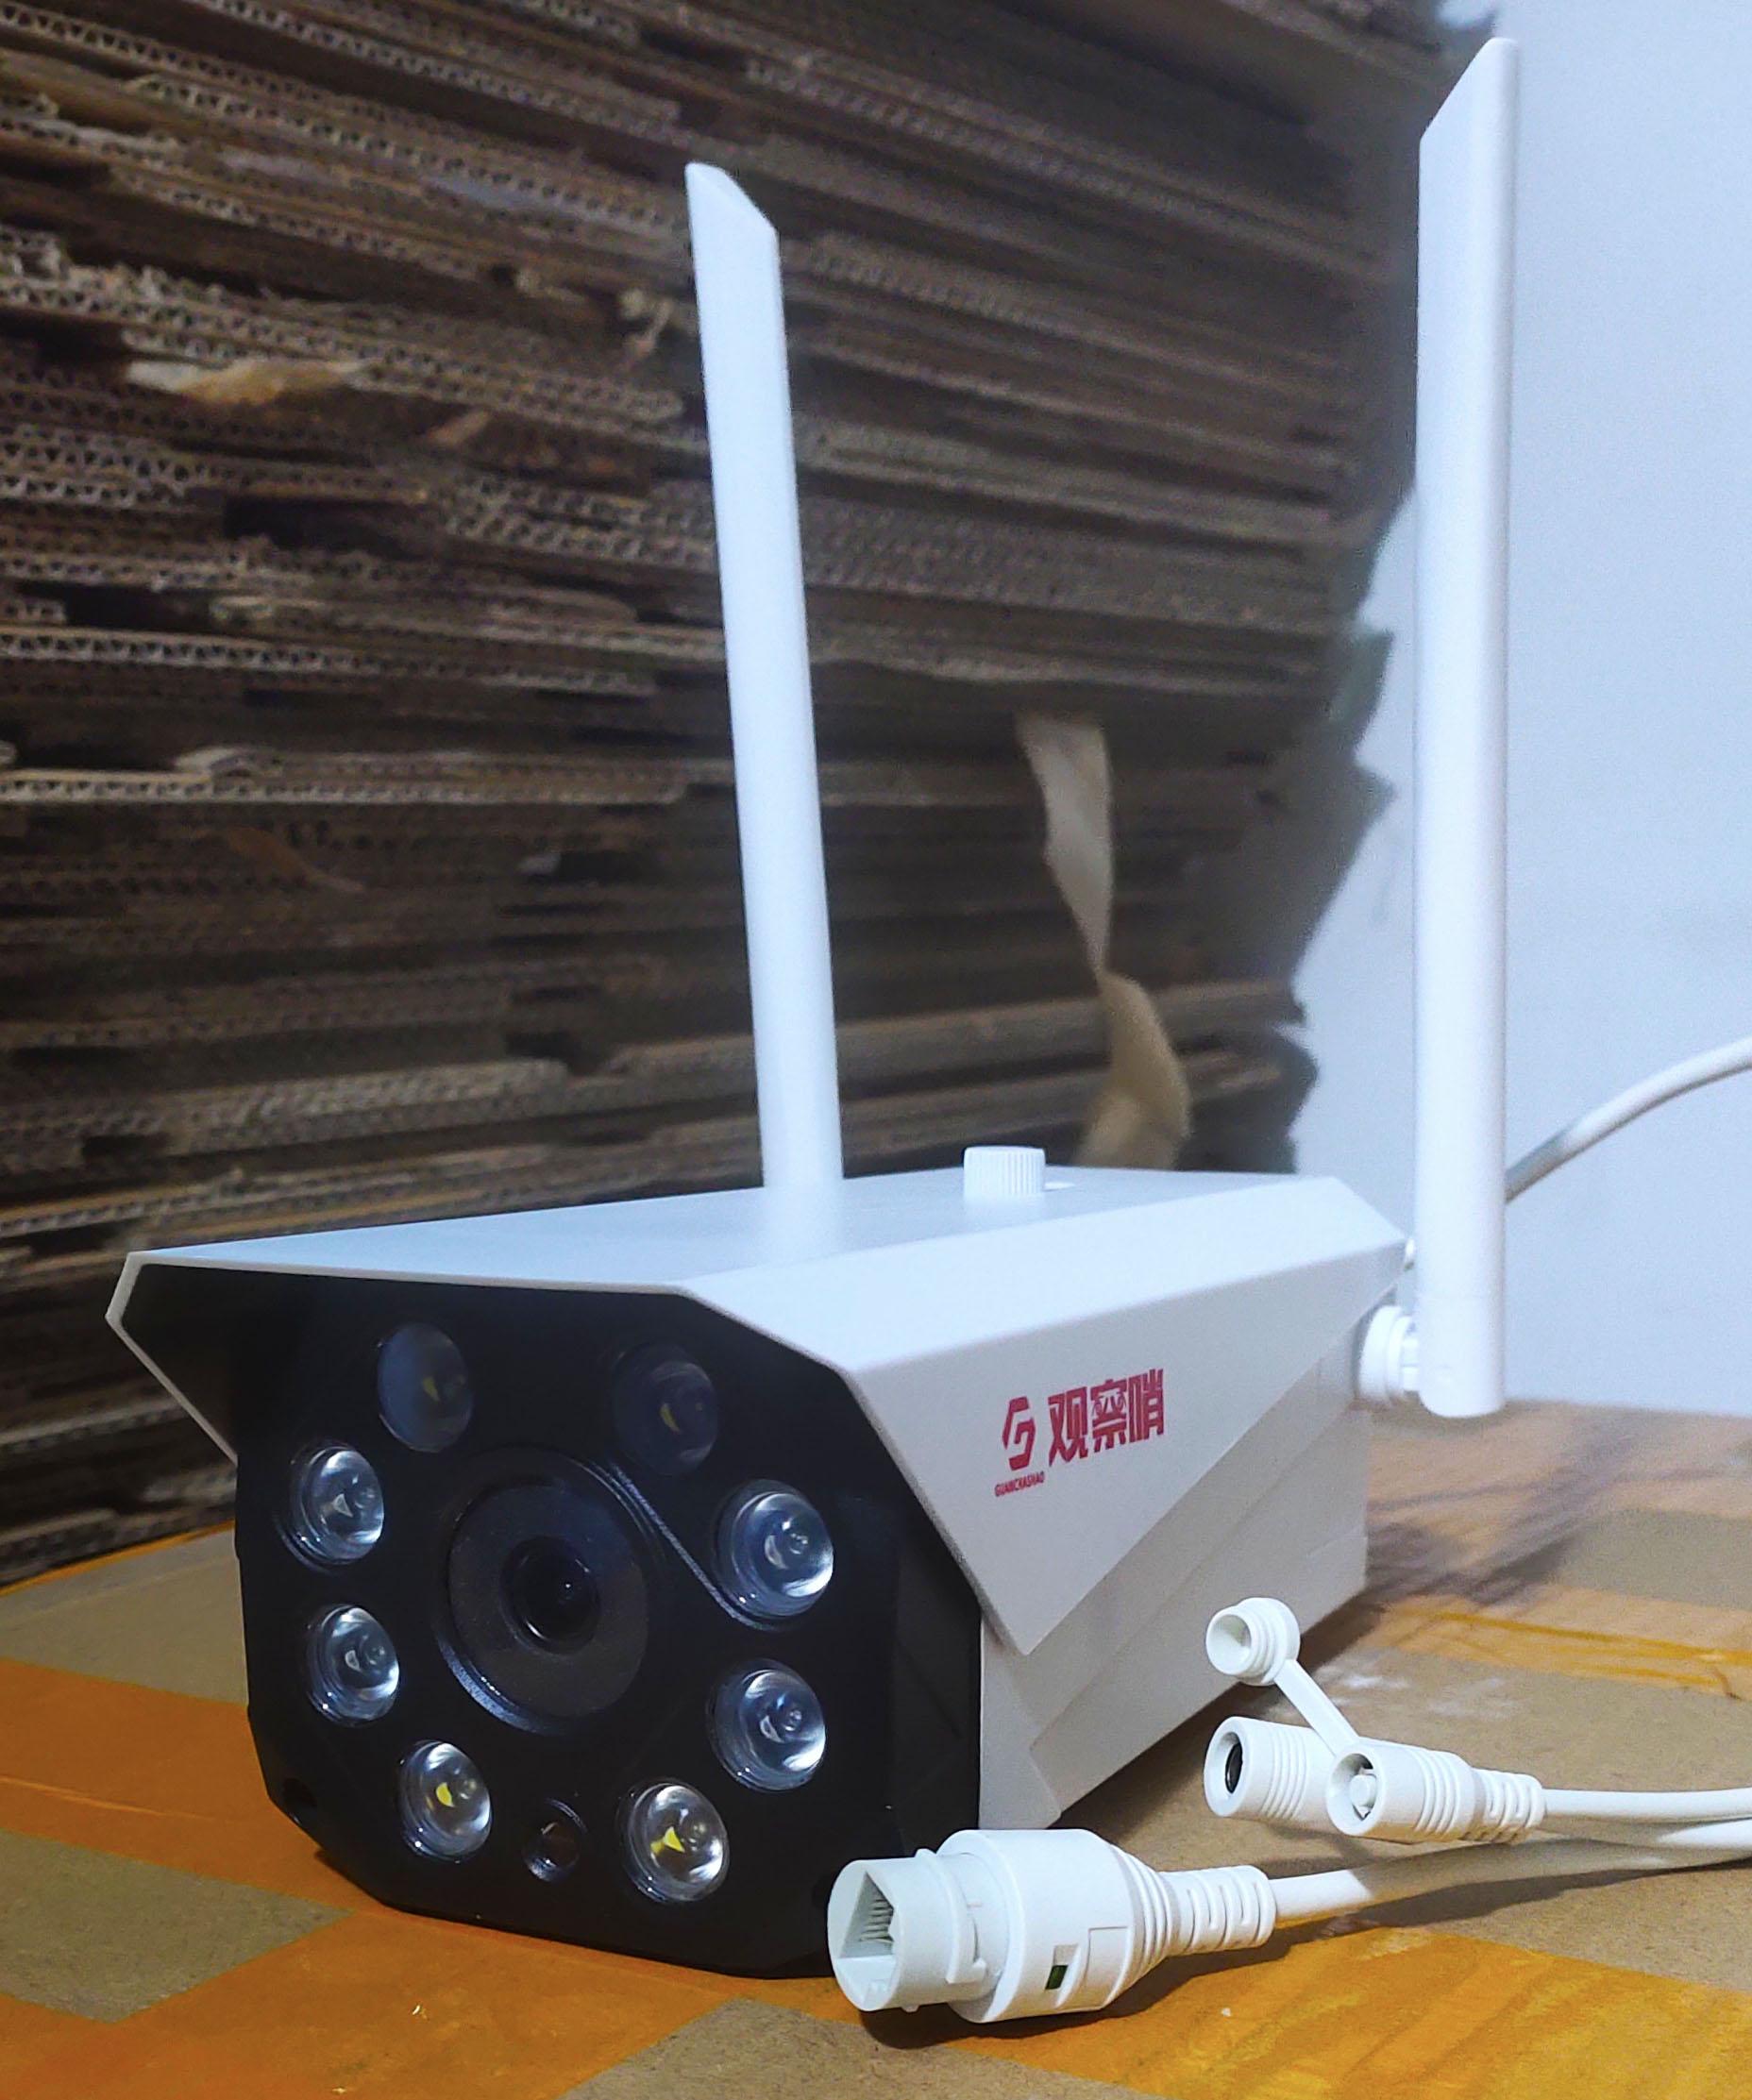 供应 观察哨300万像素无线插卡摄像机 全彩 红外或切换 超高清